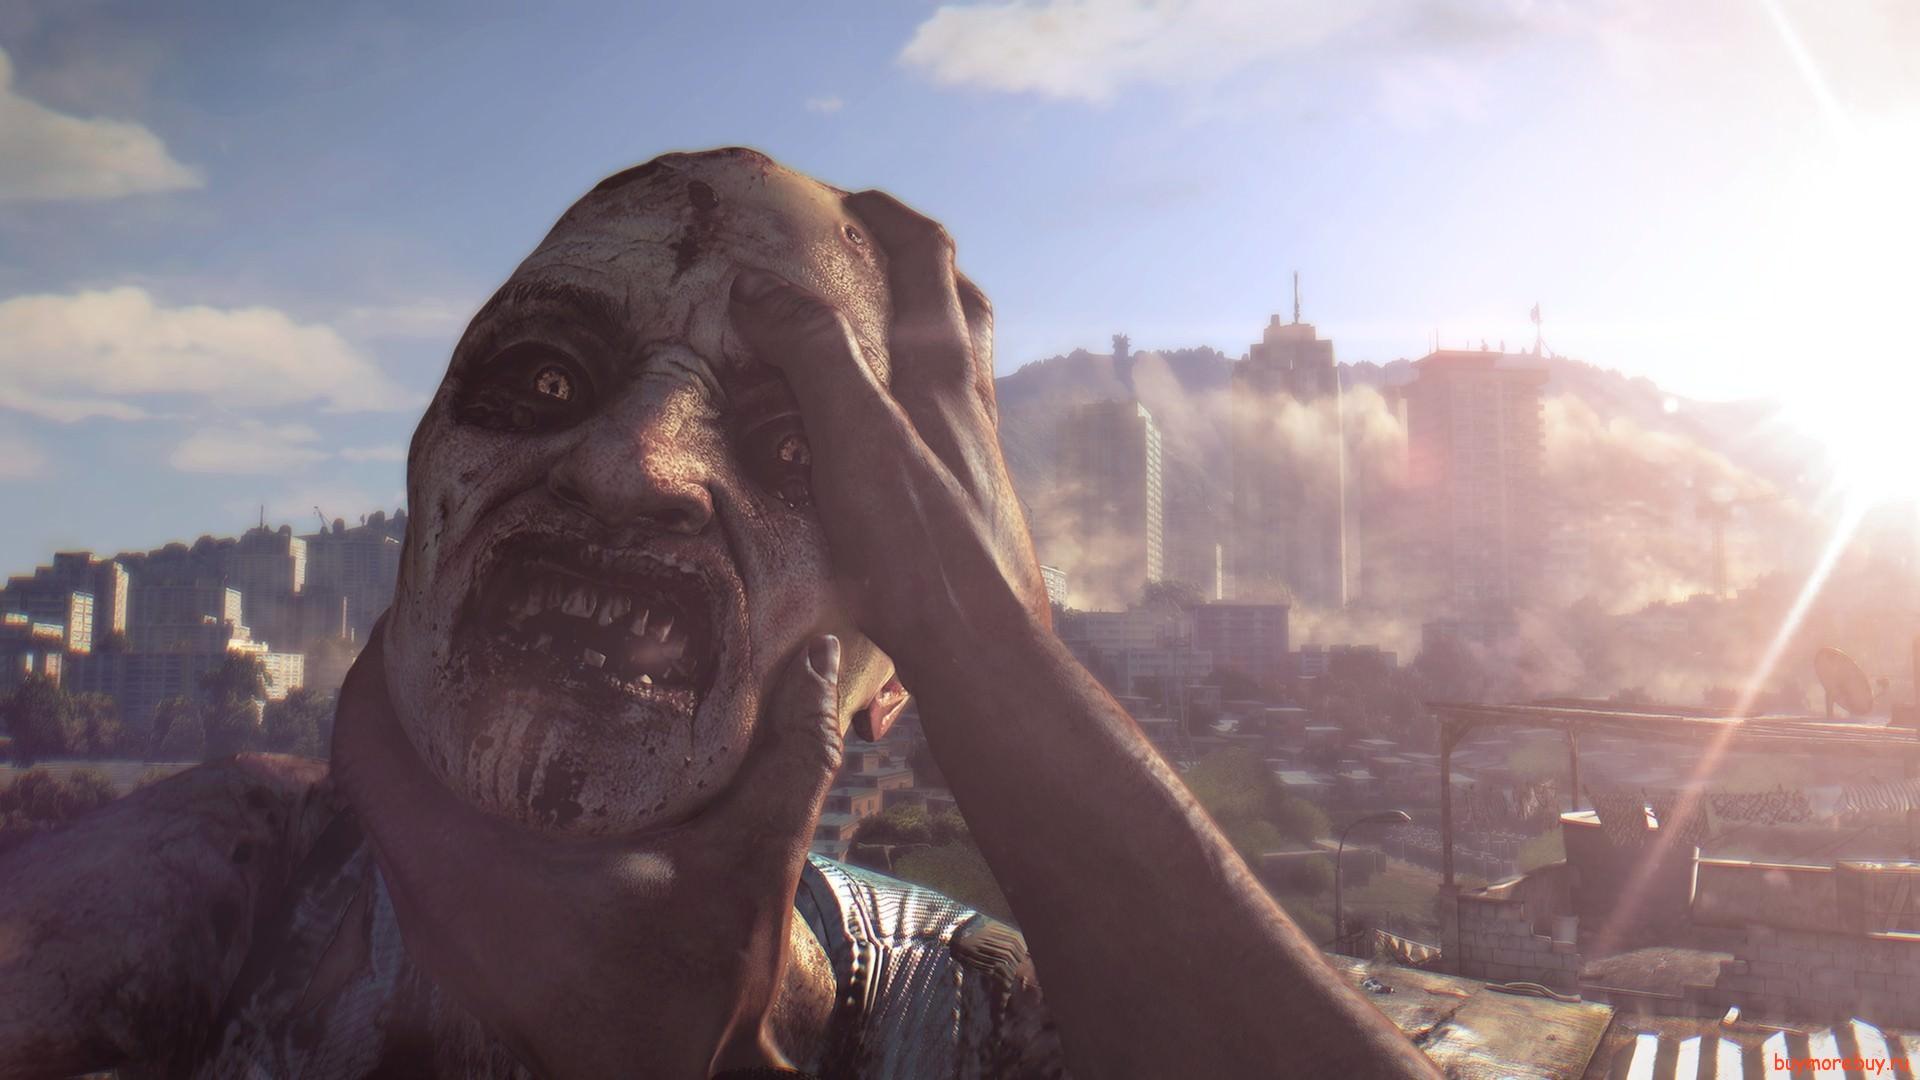 зомби игра DYING LIGHT дата выходы скриншоты игры видео трейлер новости